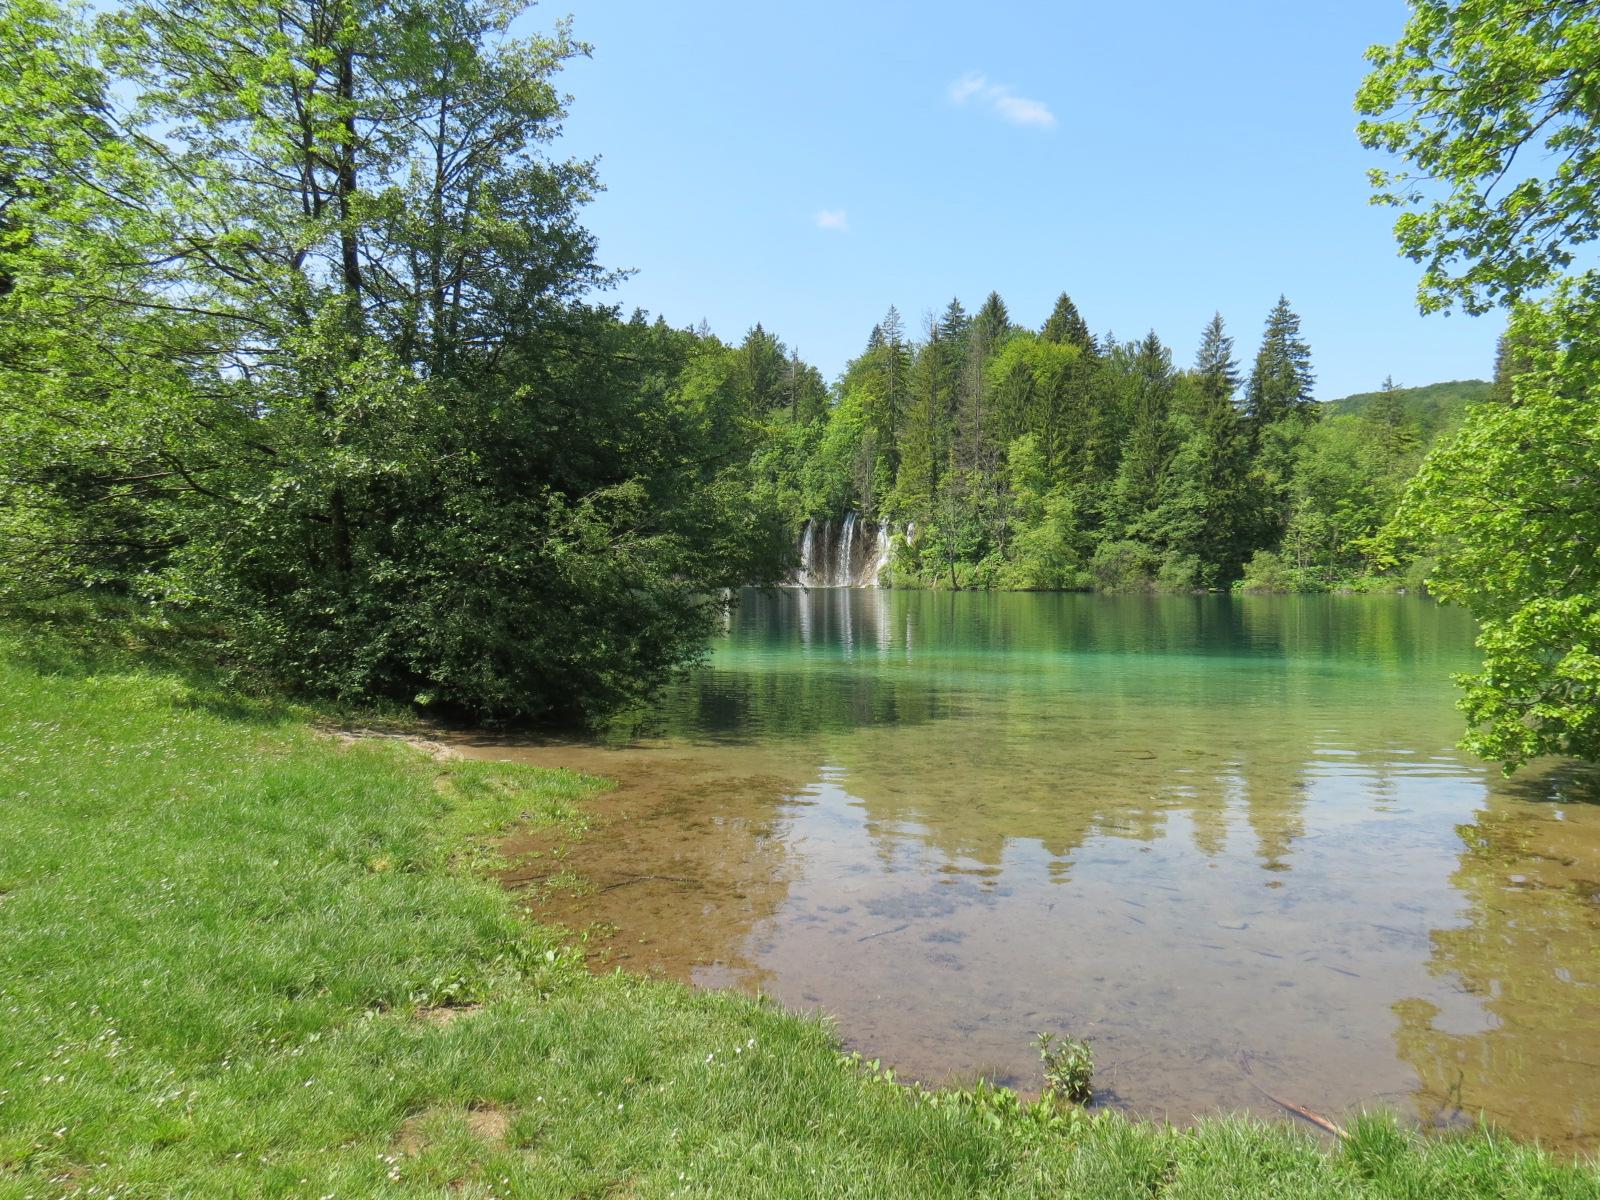 Parque Nacional dos Lagos de Plitvice: dá pra fazer uma paradinha de algumas horas no caminho de Zagreb a Zadar. Prepare-se para a muvuca absurda durante o verão.